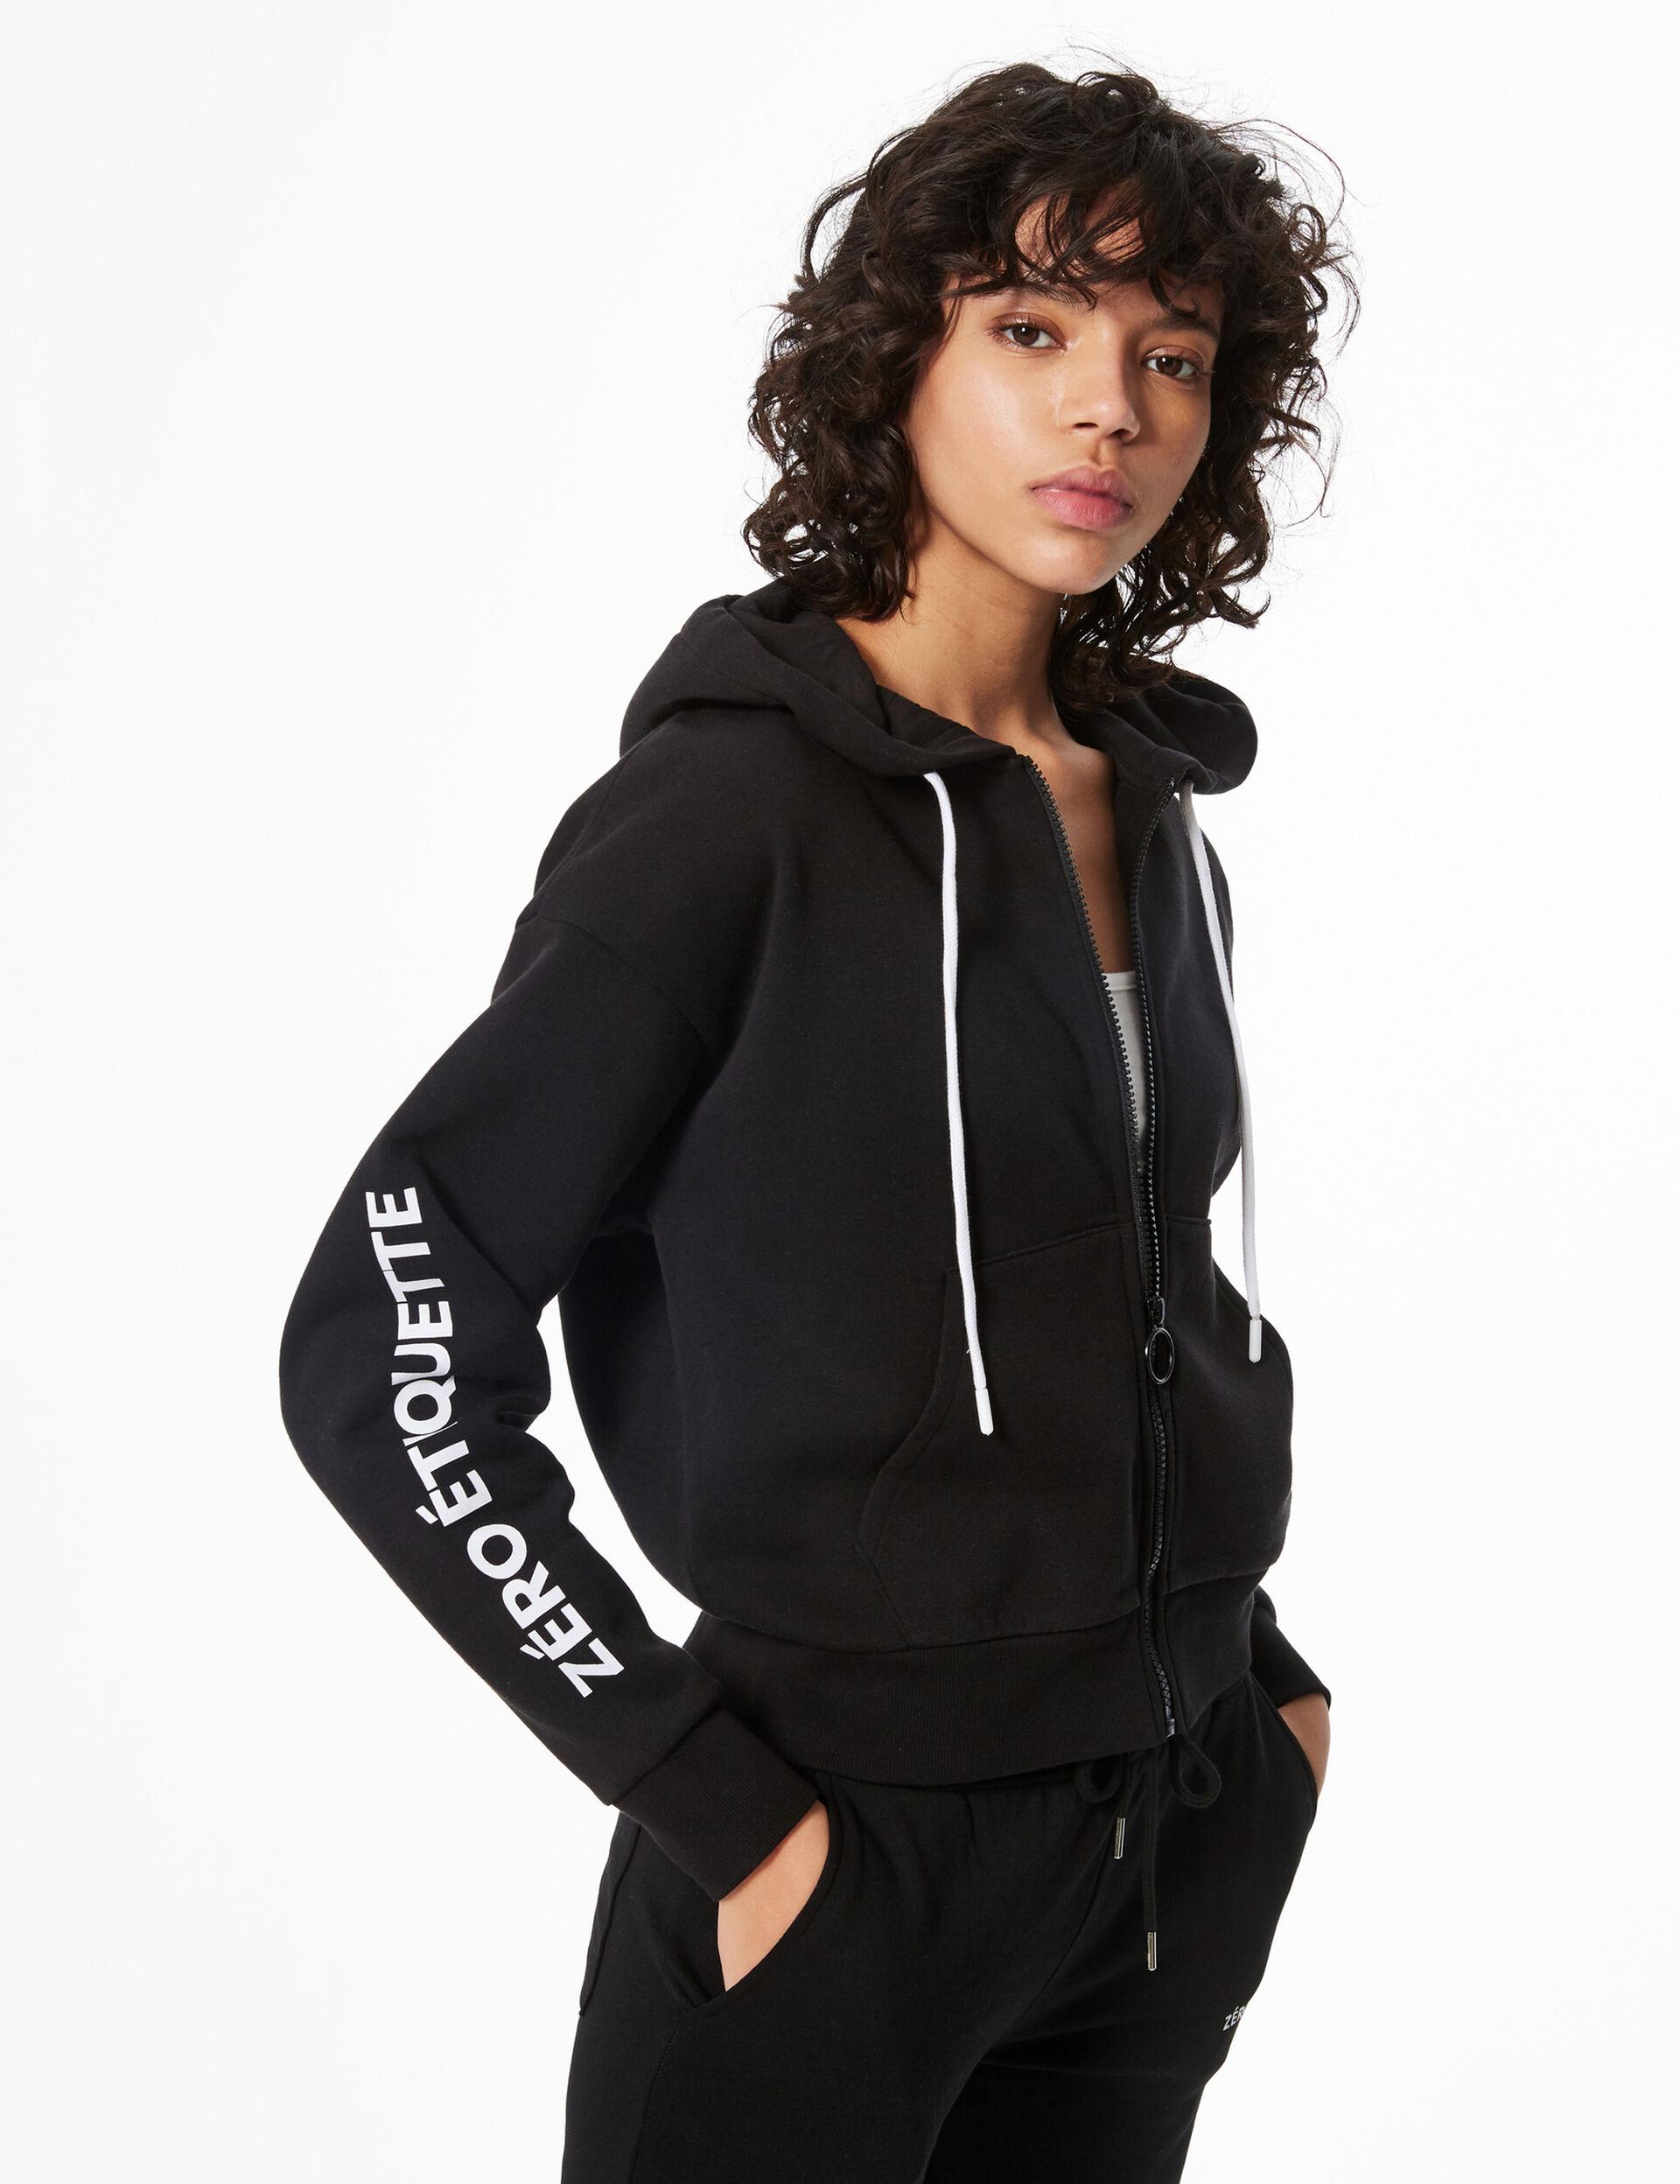 'Don't call me' zipped hoodie